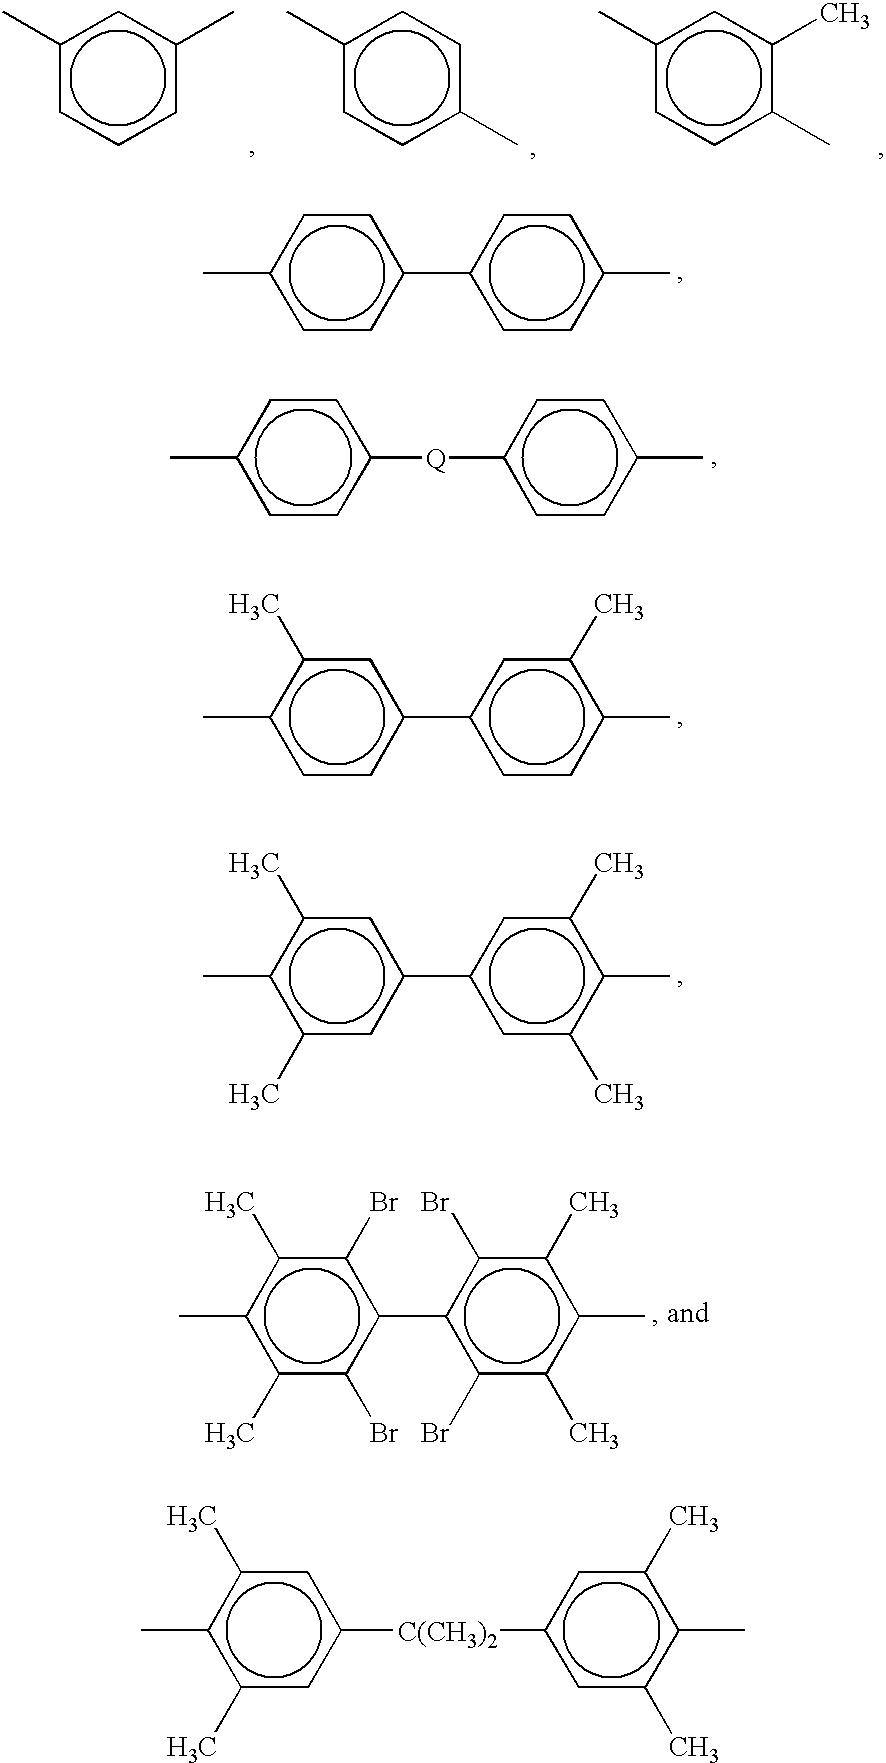 Figure US20030004268A1-20030102-C00021